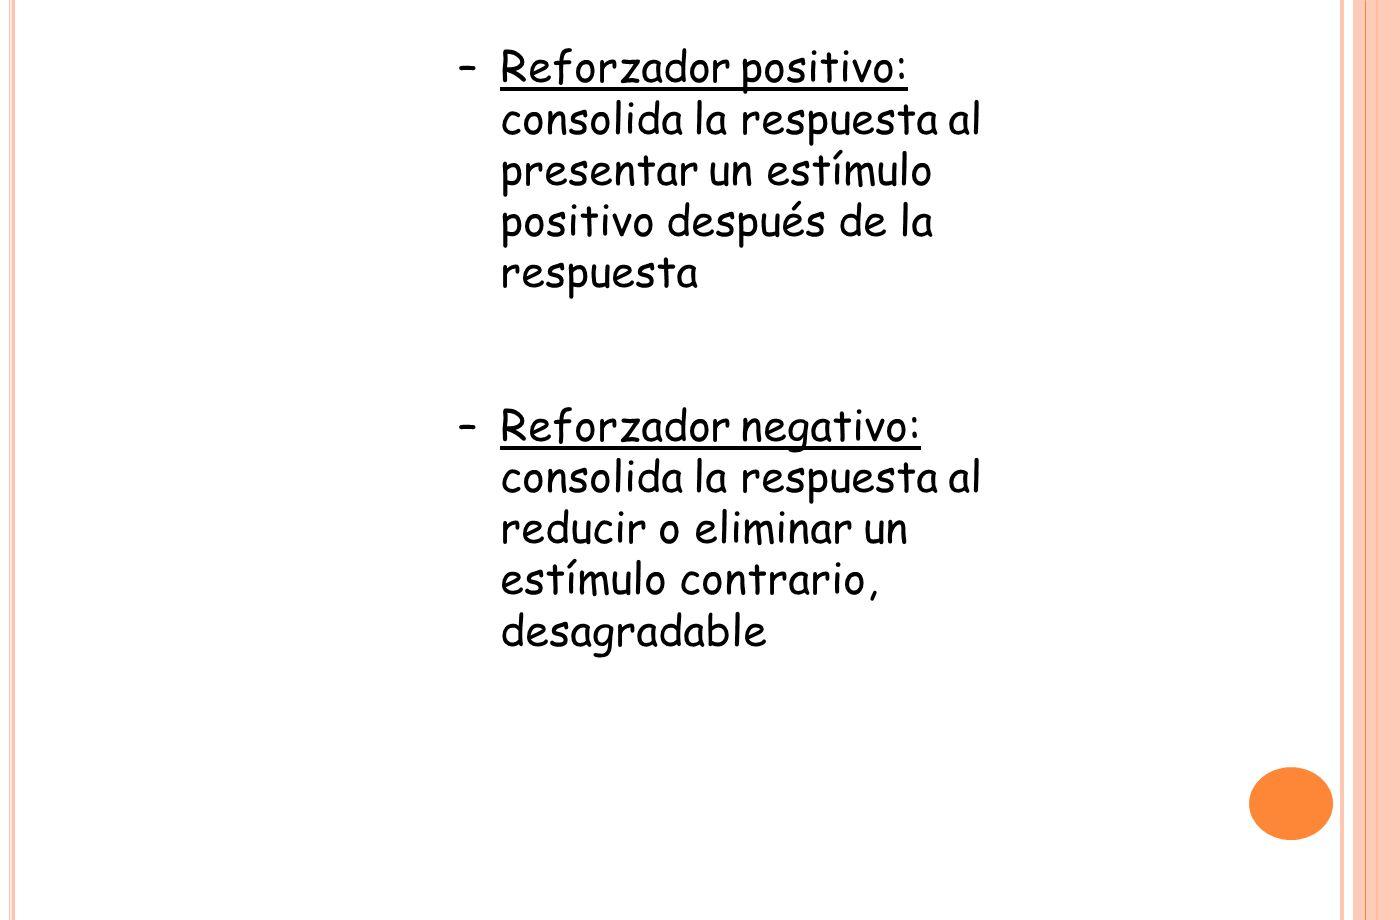 –Reforzador positivo: consolida la respuesta al presentar un estímulo positivo después de la respuesta –Reforzador negativo: consolida la respuesta al